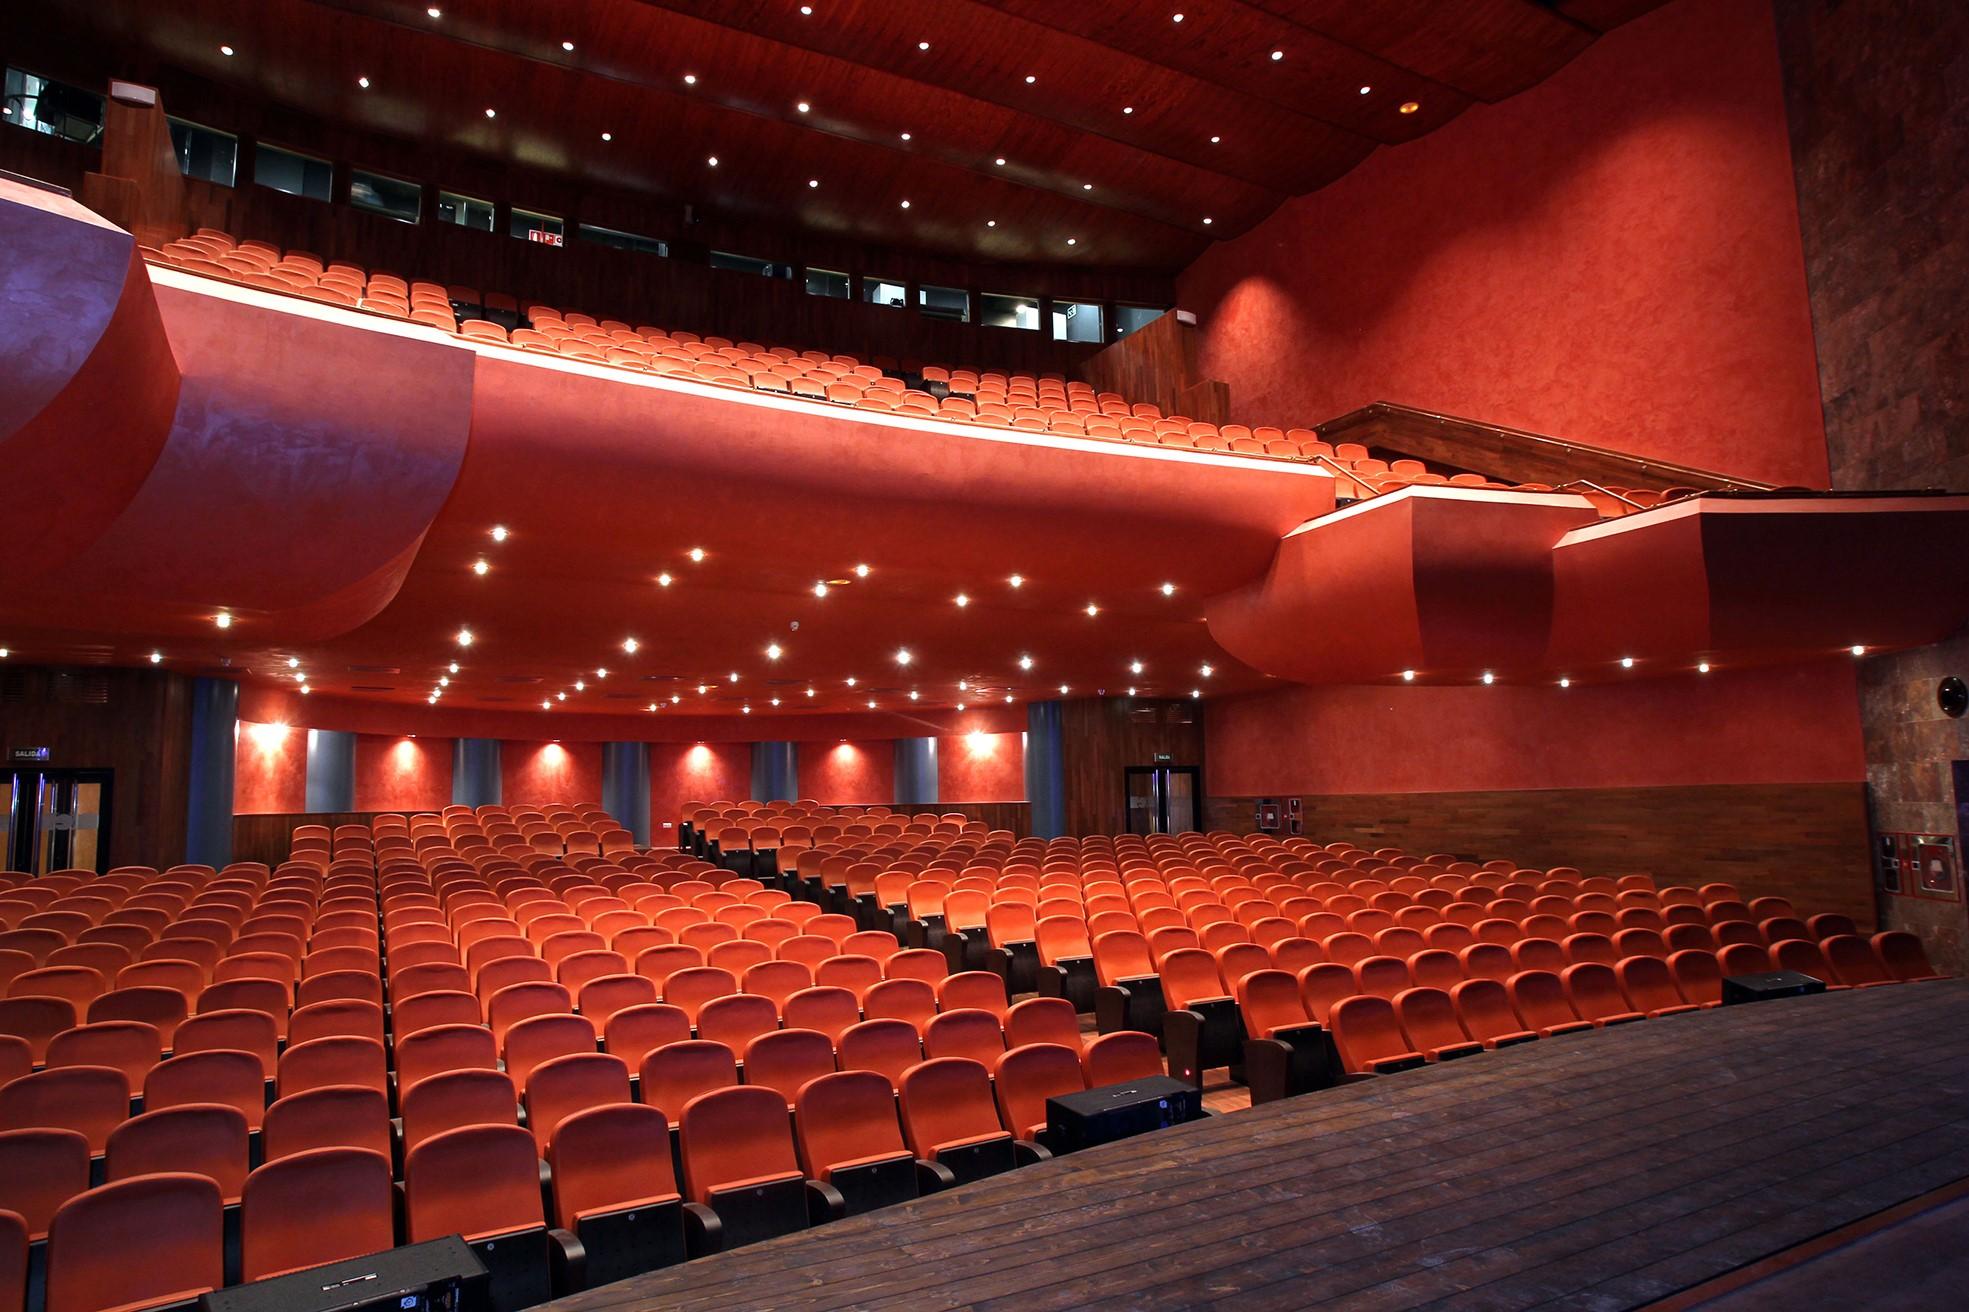 El teatro Gaztambide de Tudela, uno de los espacios escénicos de Navarra.